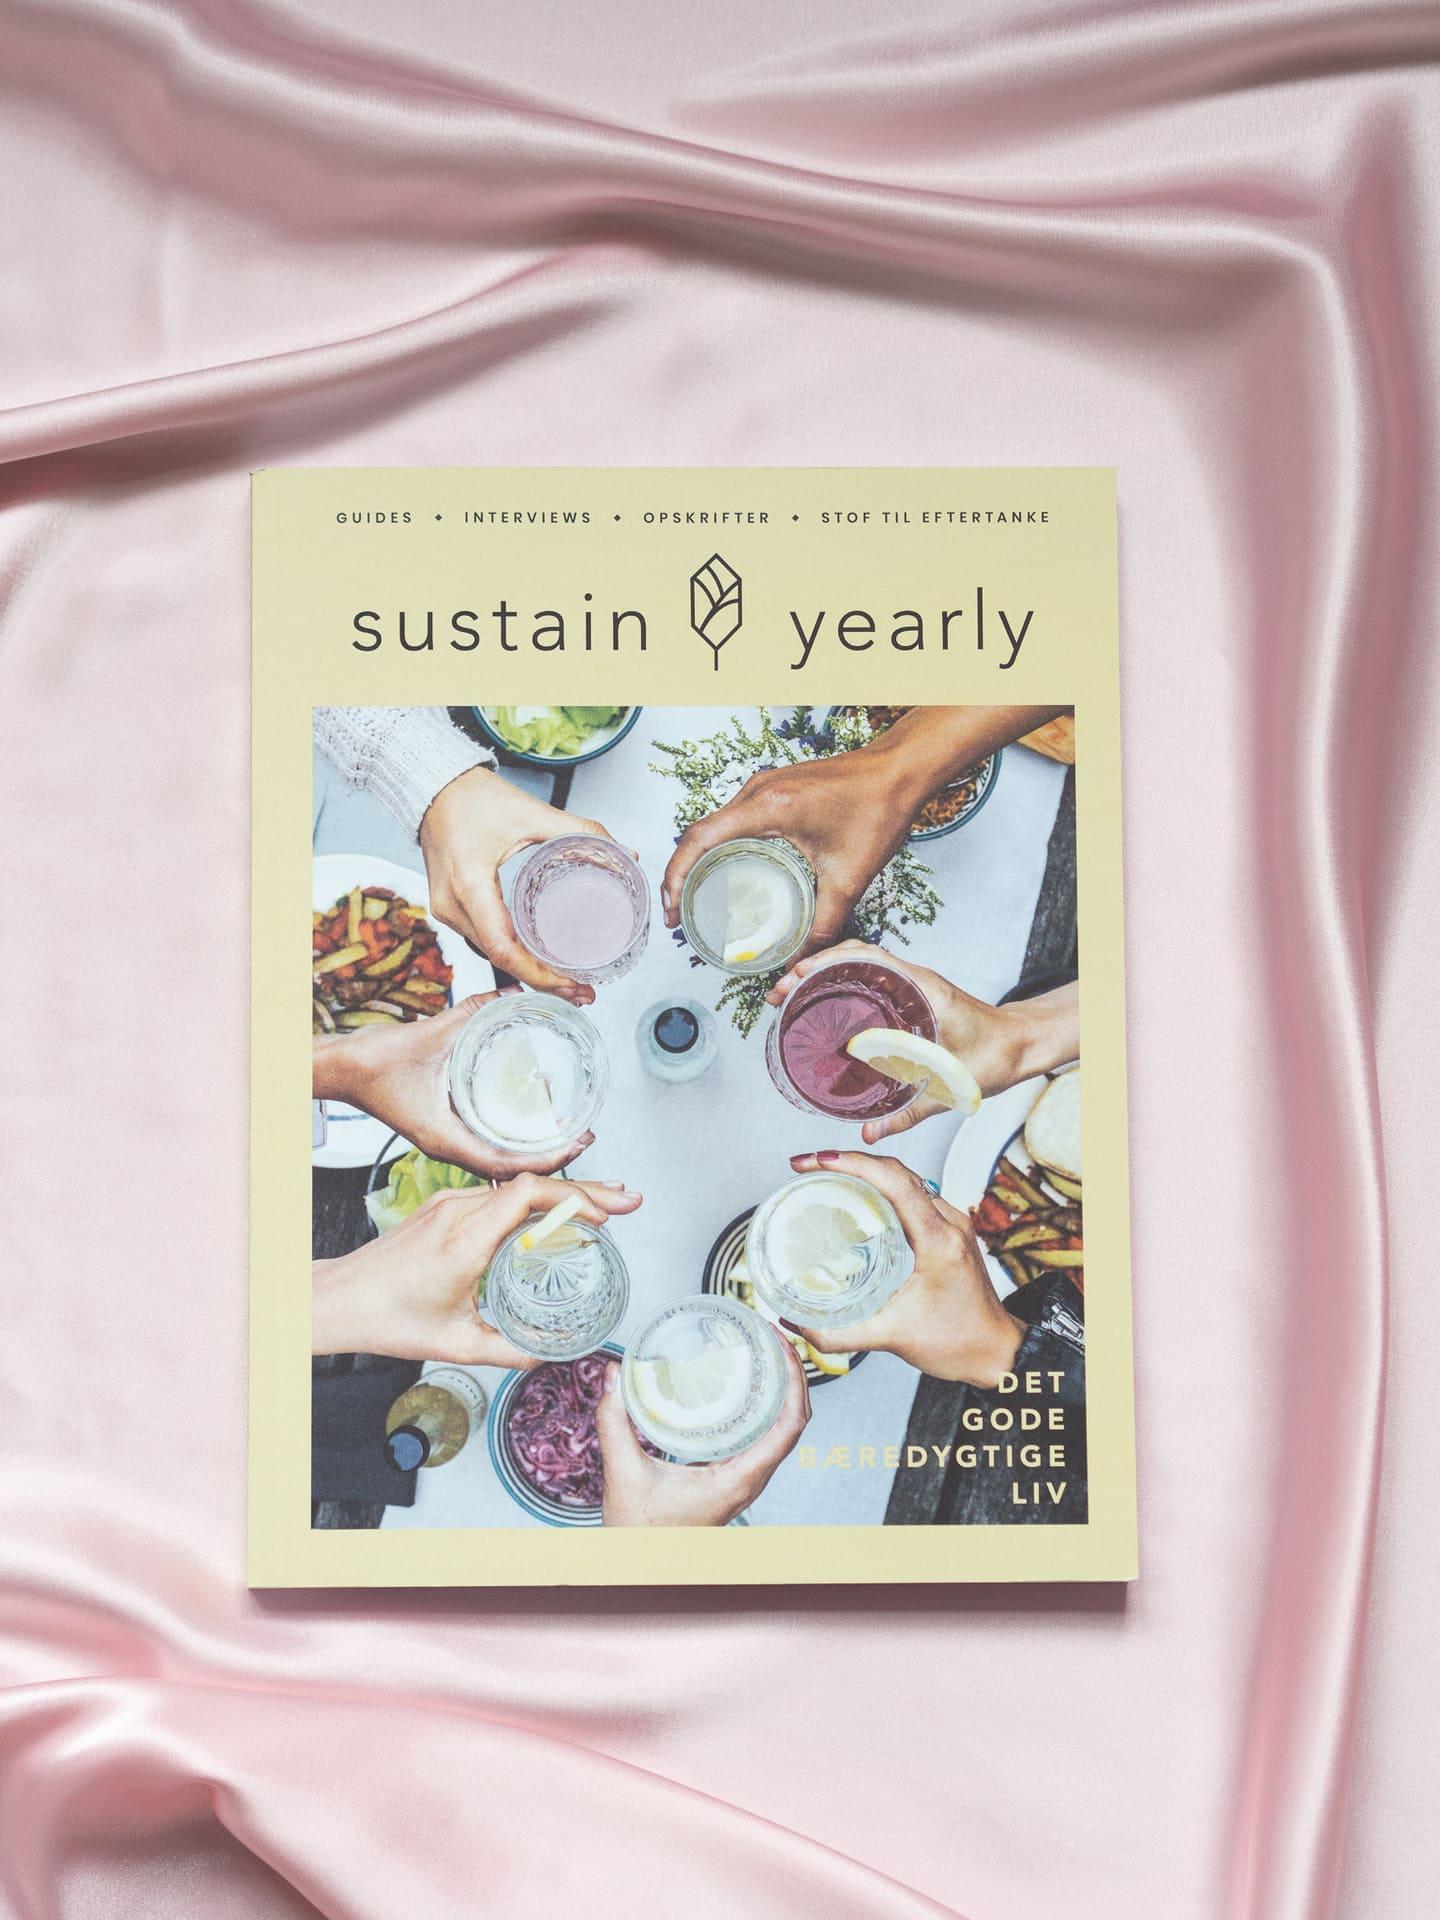 Sustain yearly tredje år